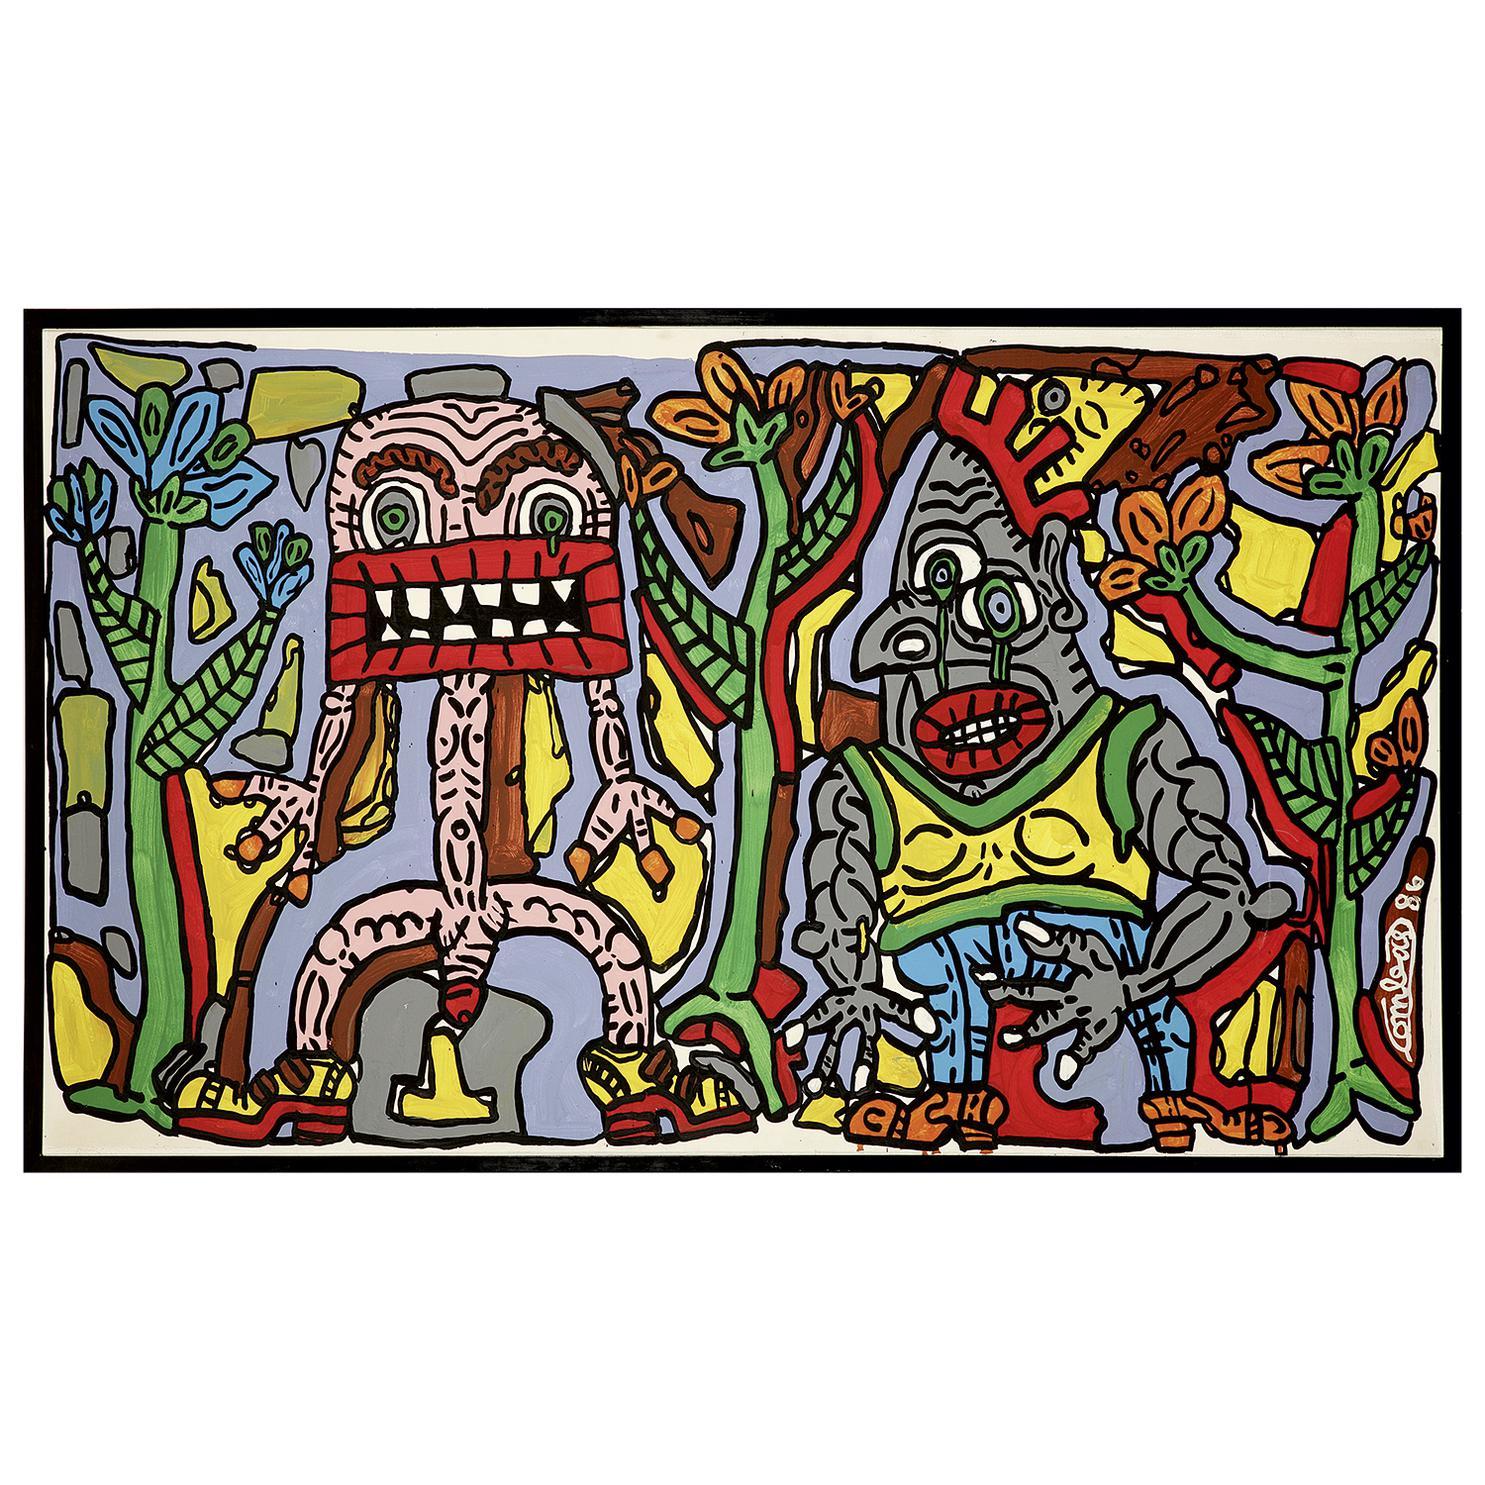 Robert Combas-Bouche Carree Rectangulaire Et Klaus Pointu; Deux copains: Pito Larmaverta le crochu a cymbales dans la tete. Et Pacotille grosse bouche carree.-1986